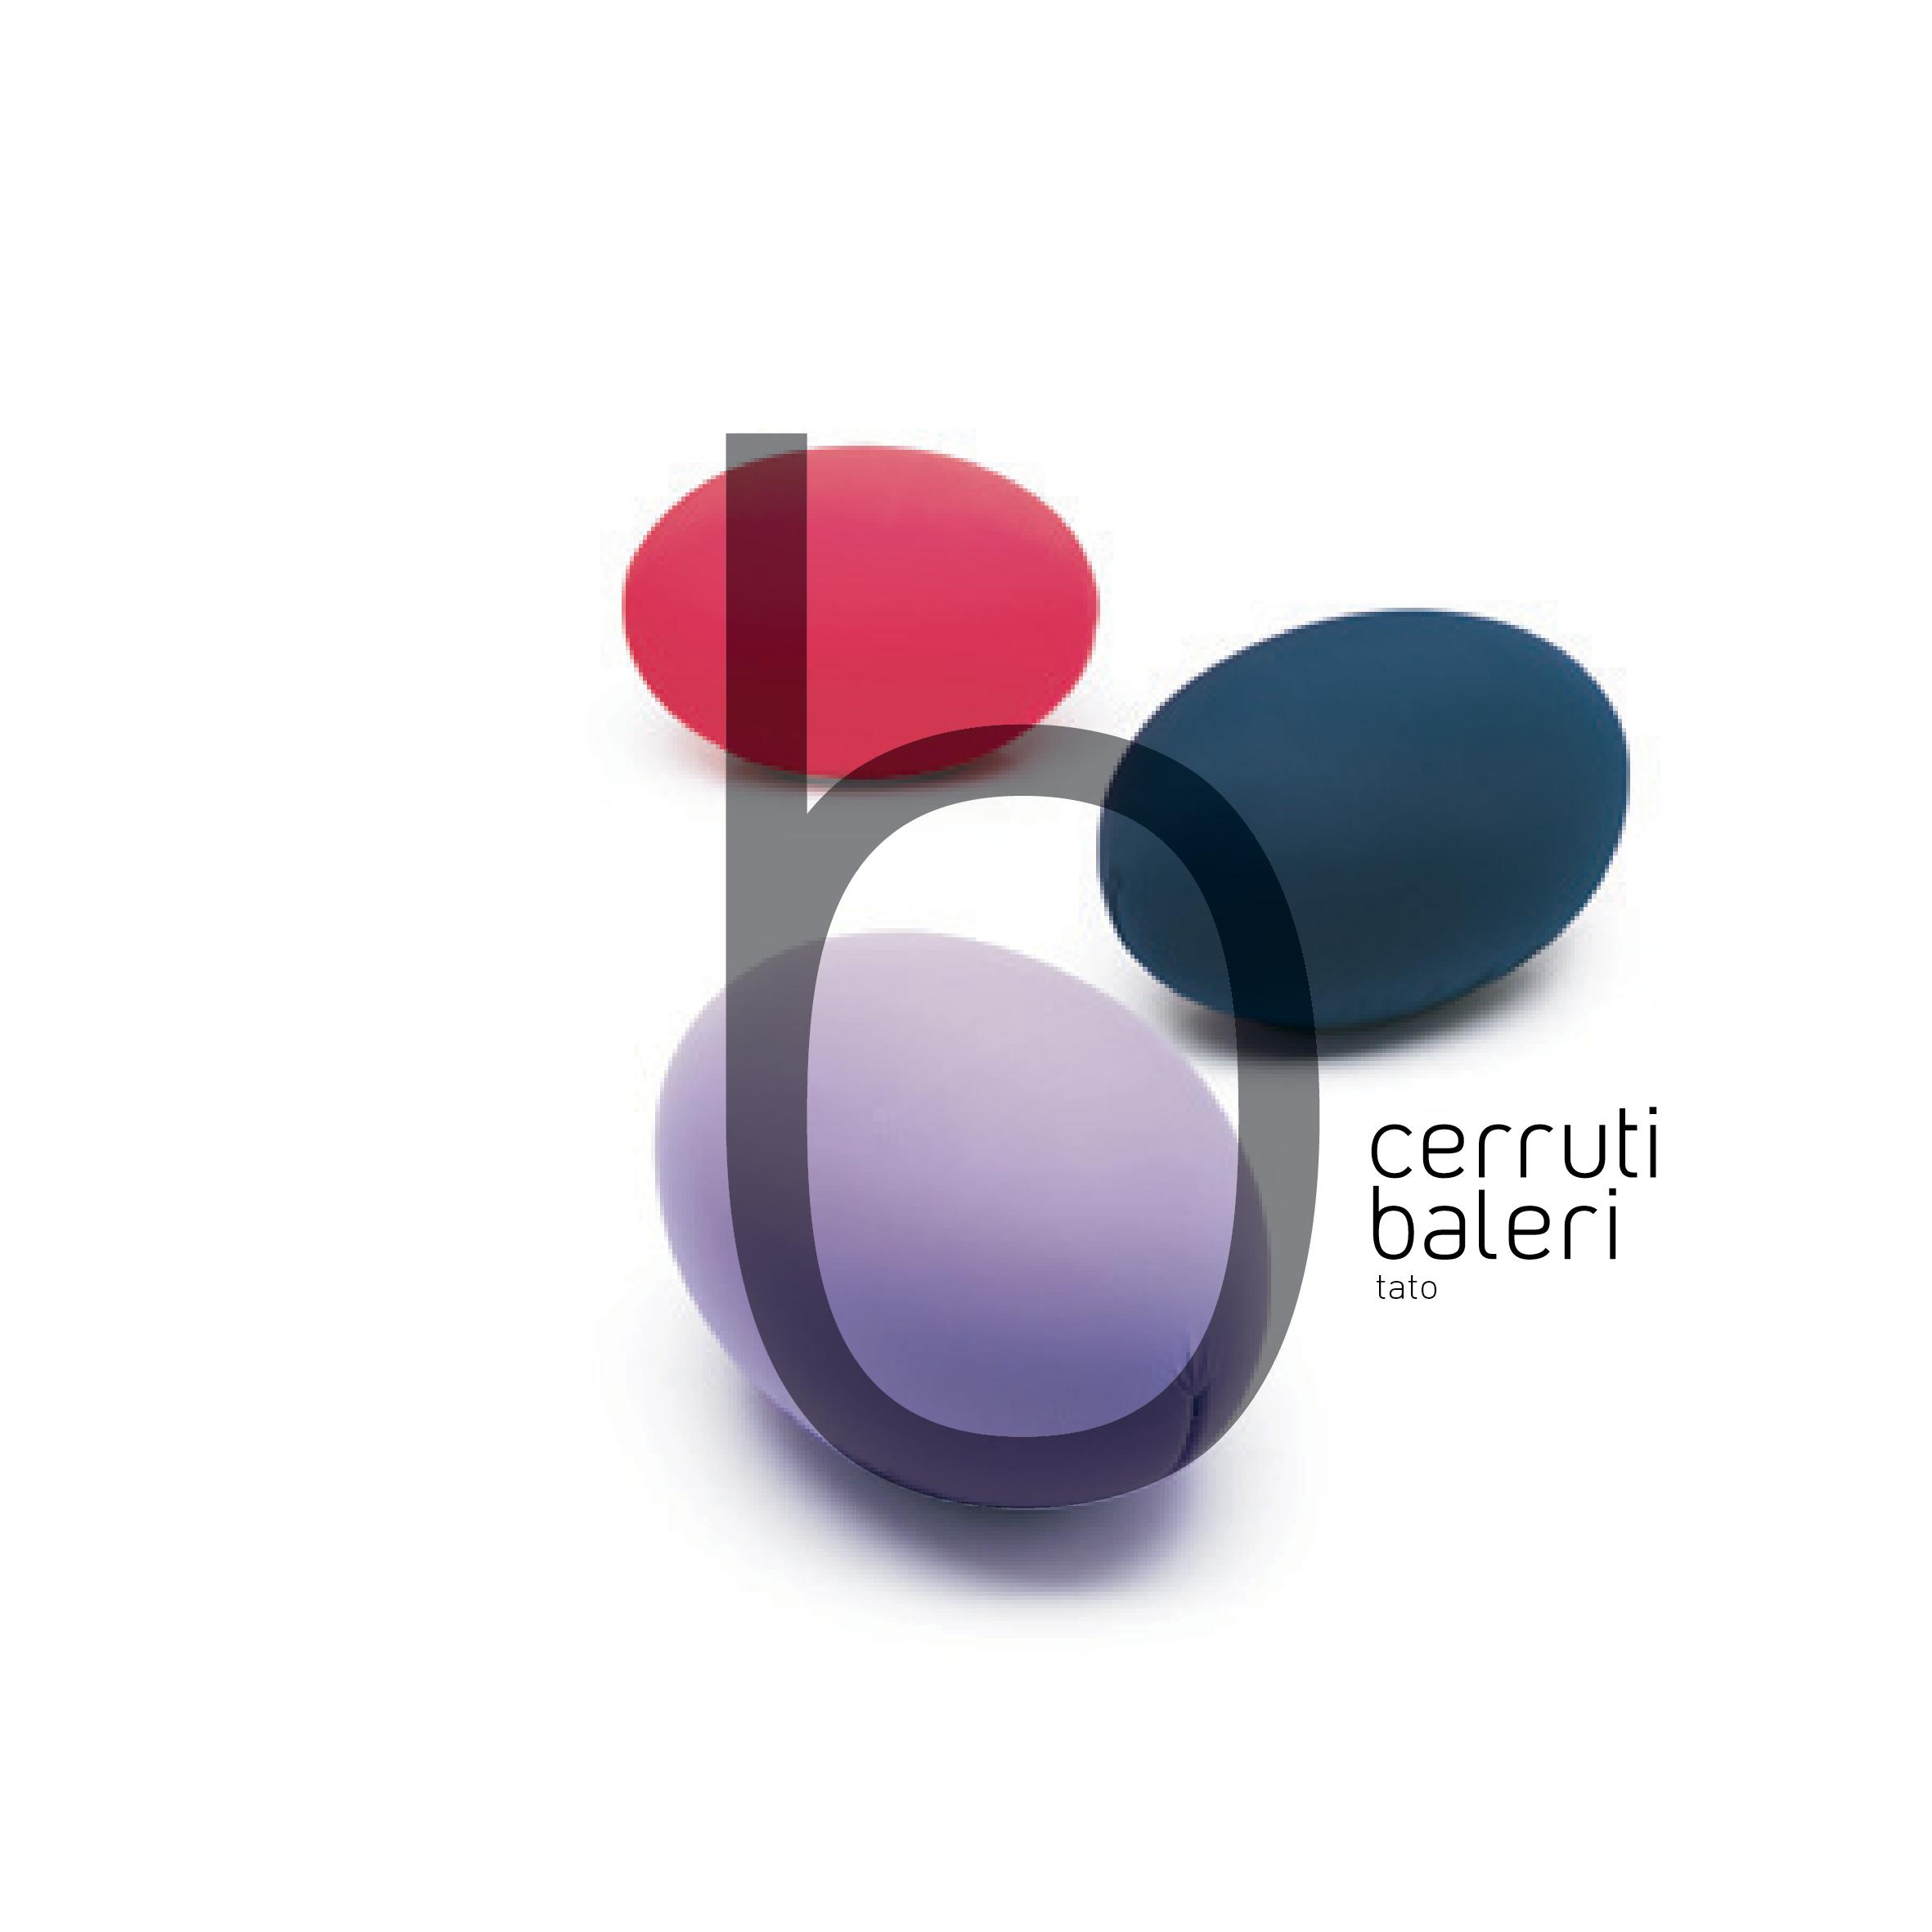 cerrutbaleri_lettere logo-okp2.jpg